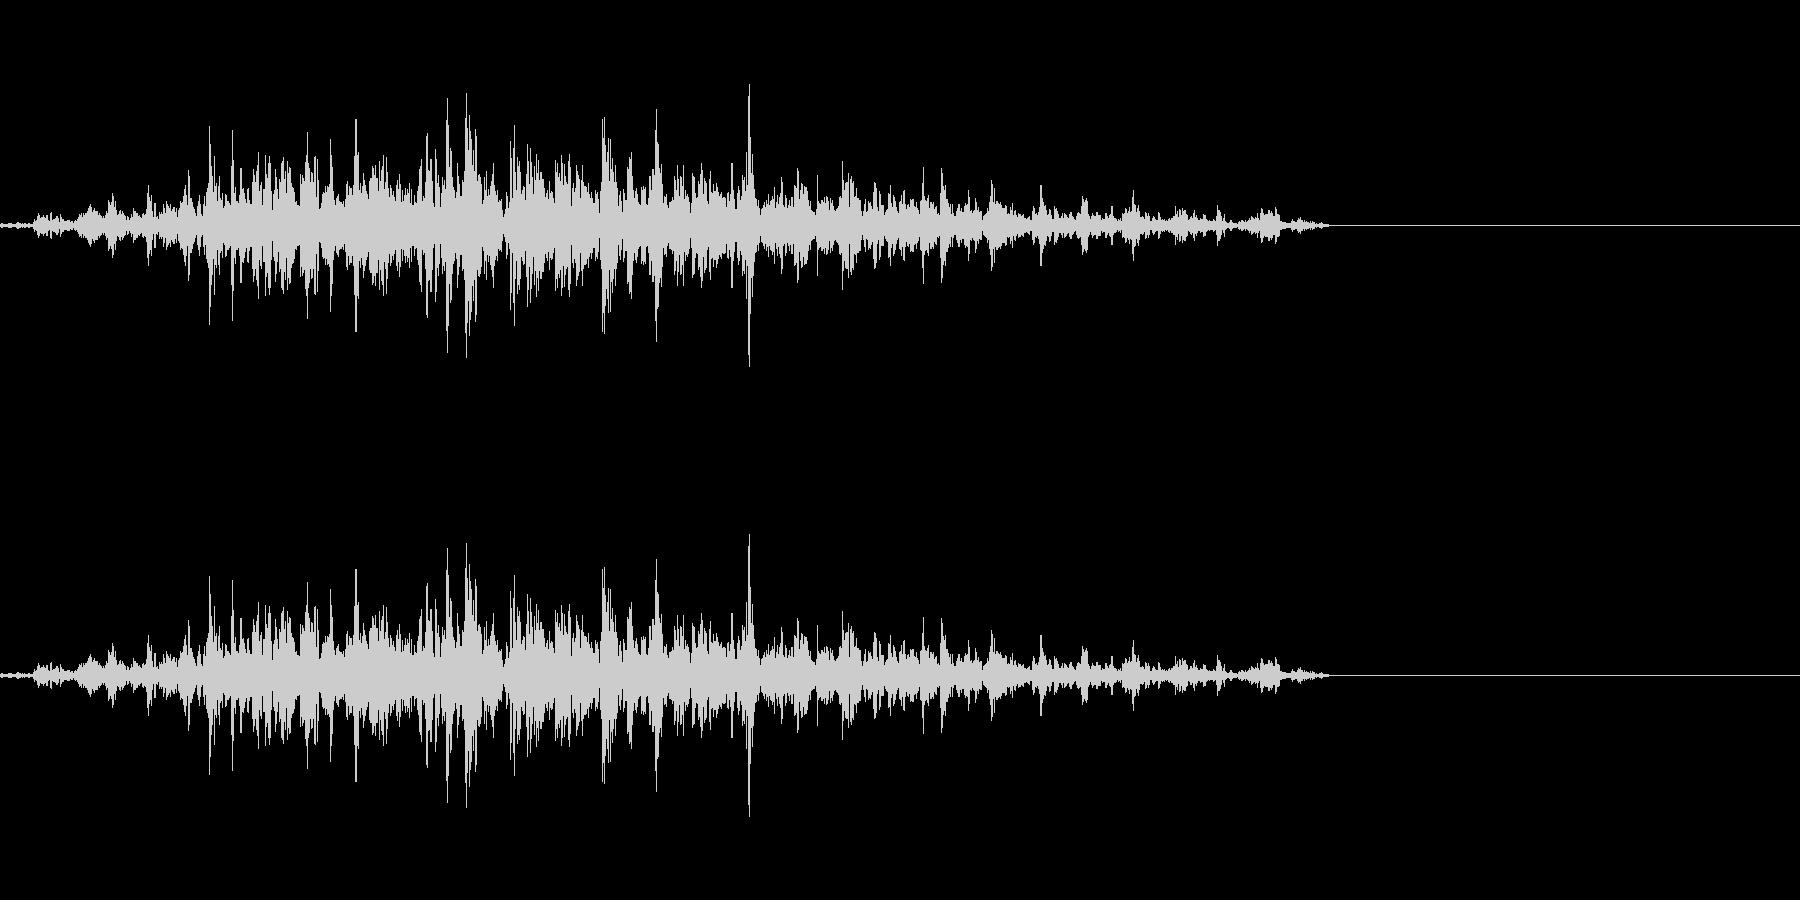 神楽鈴(小)を短くクレッシェンドさせた音の未再生の波形